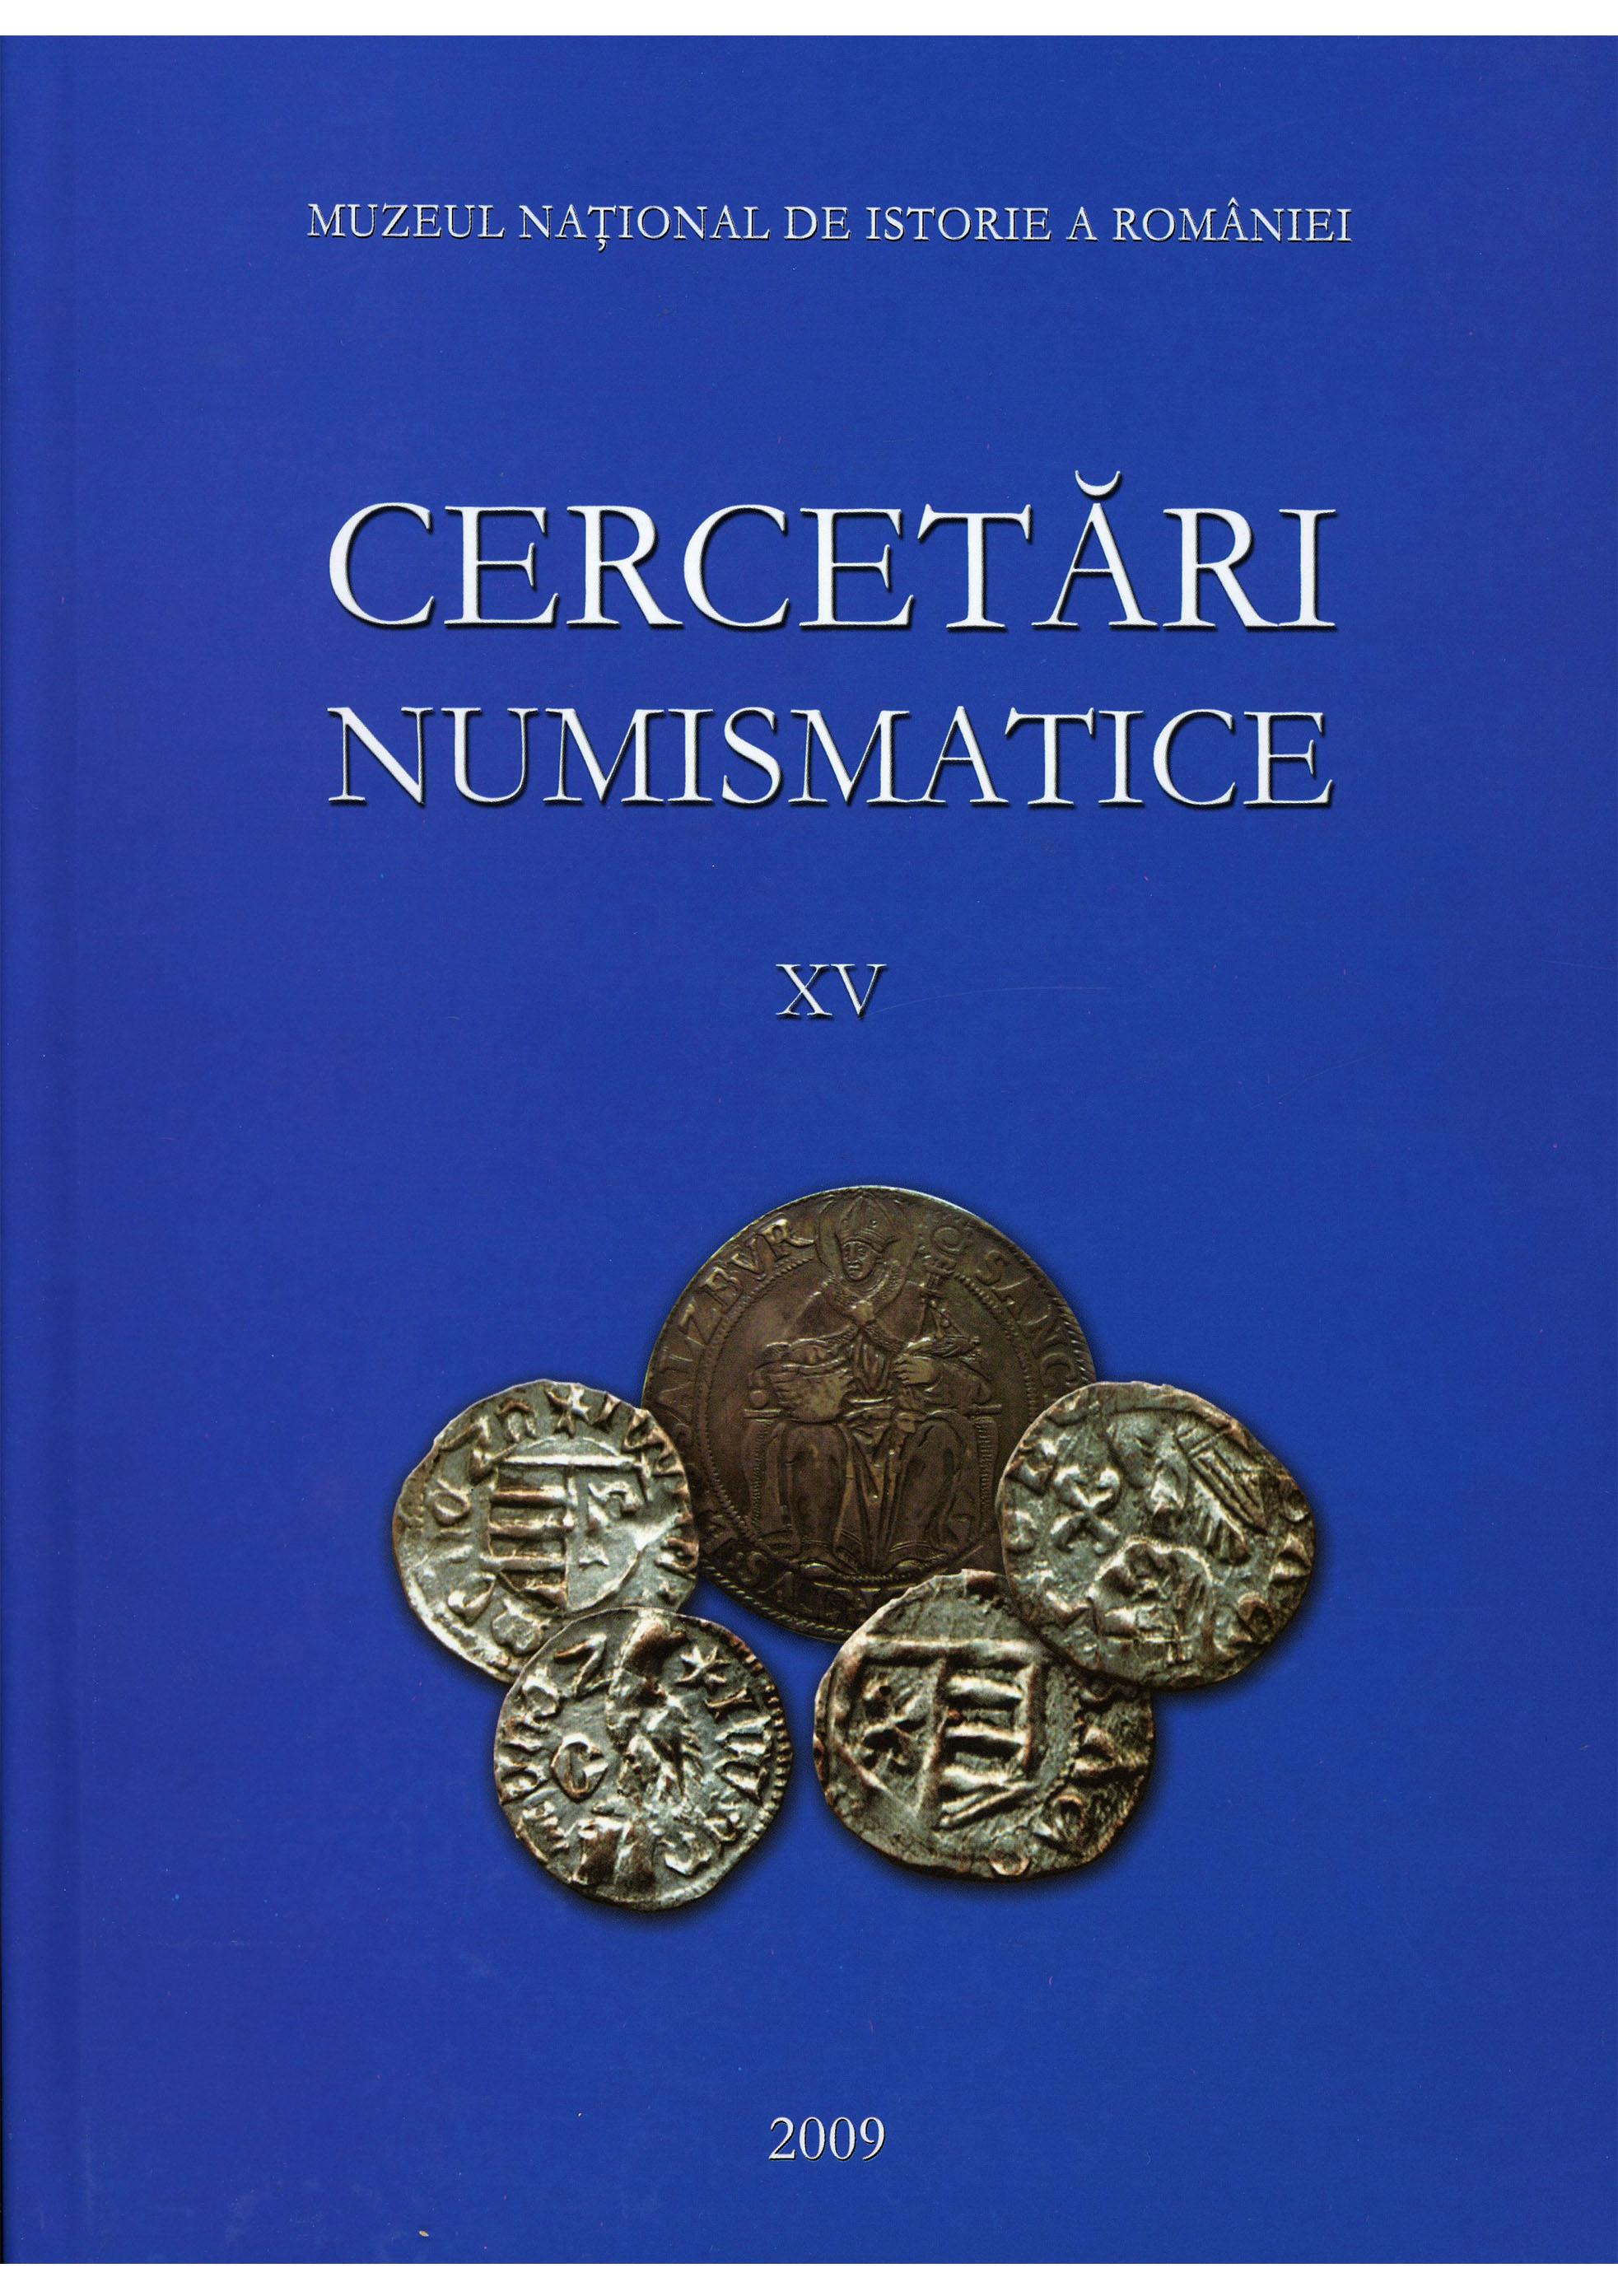 mnir_COP__0047_2009_Cercetari-numismatice-XV_346pag